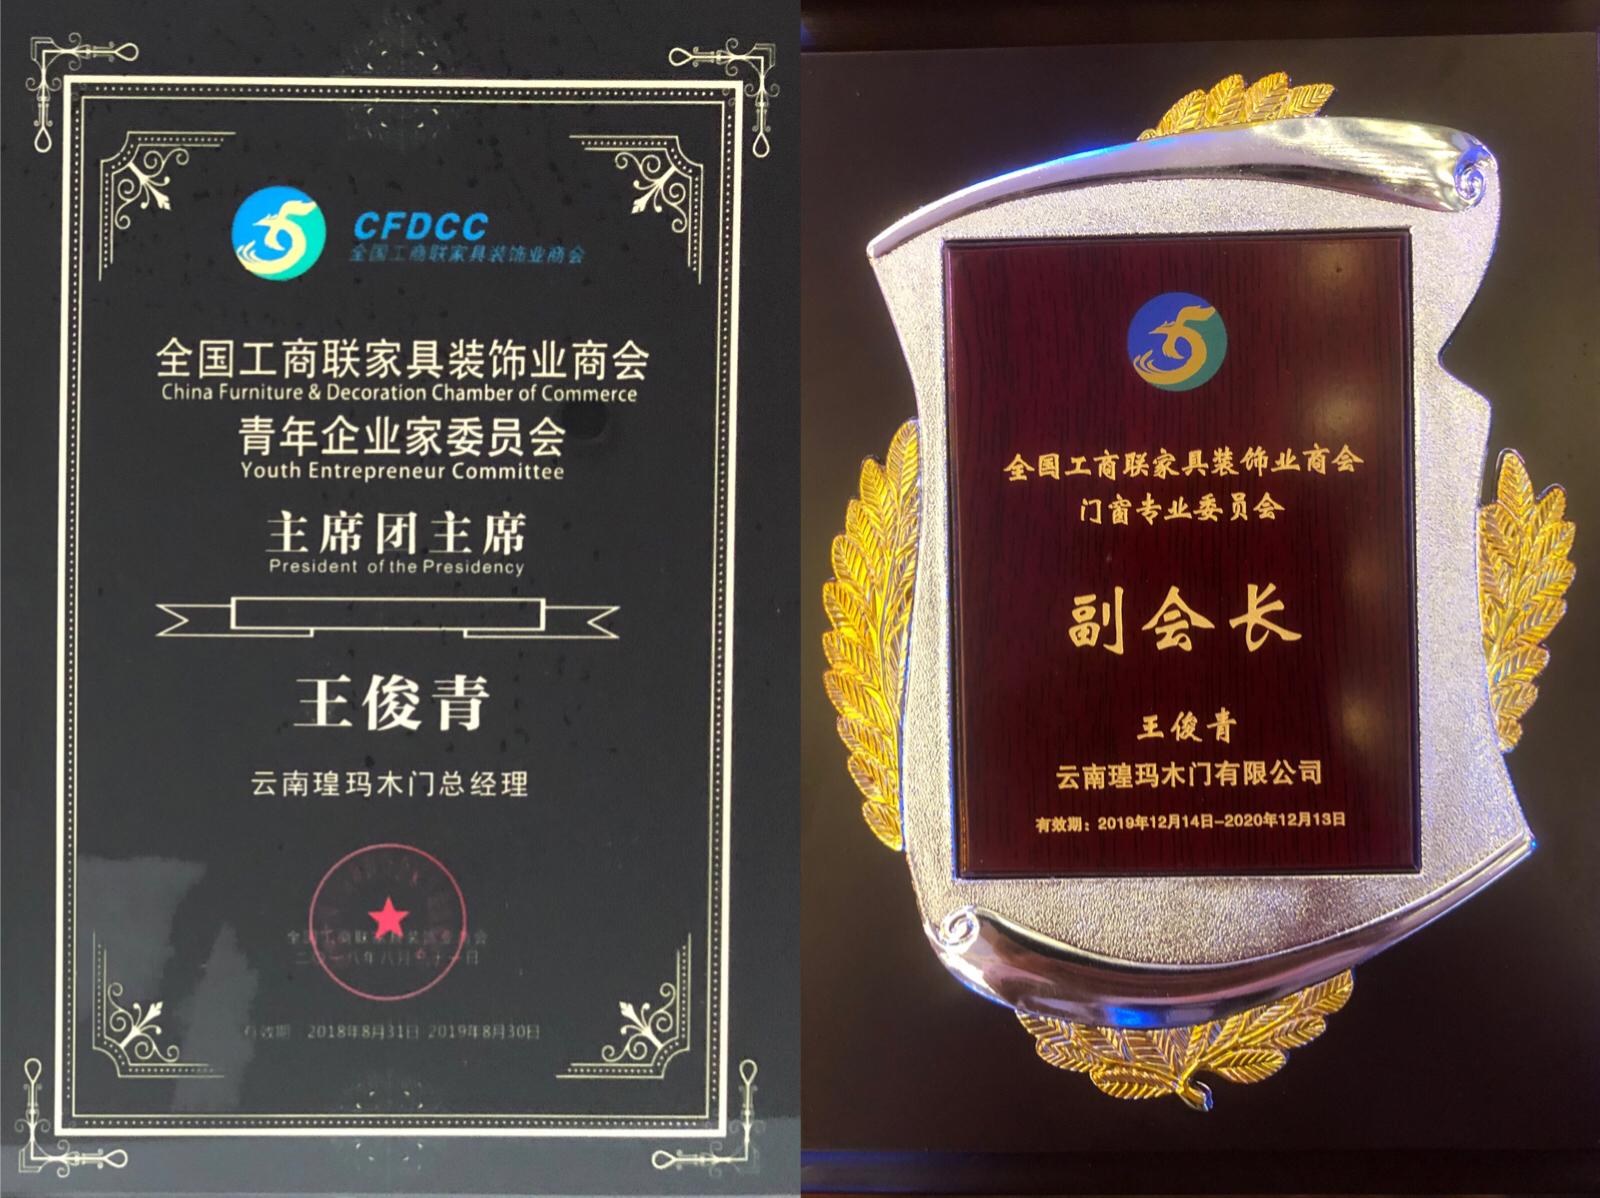 礼赞新中国70华诞丨瑝玛再度荣获多项至上荣誉